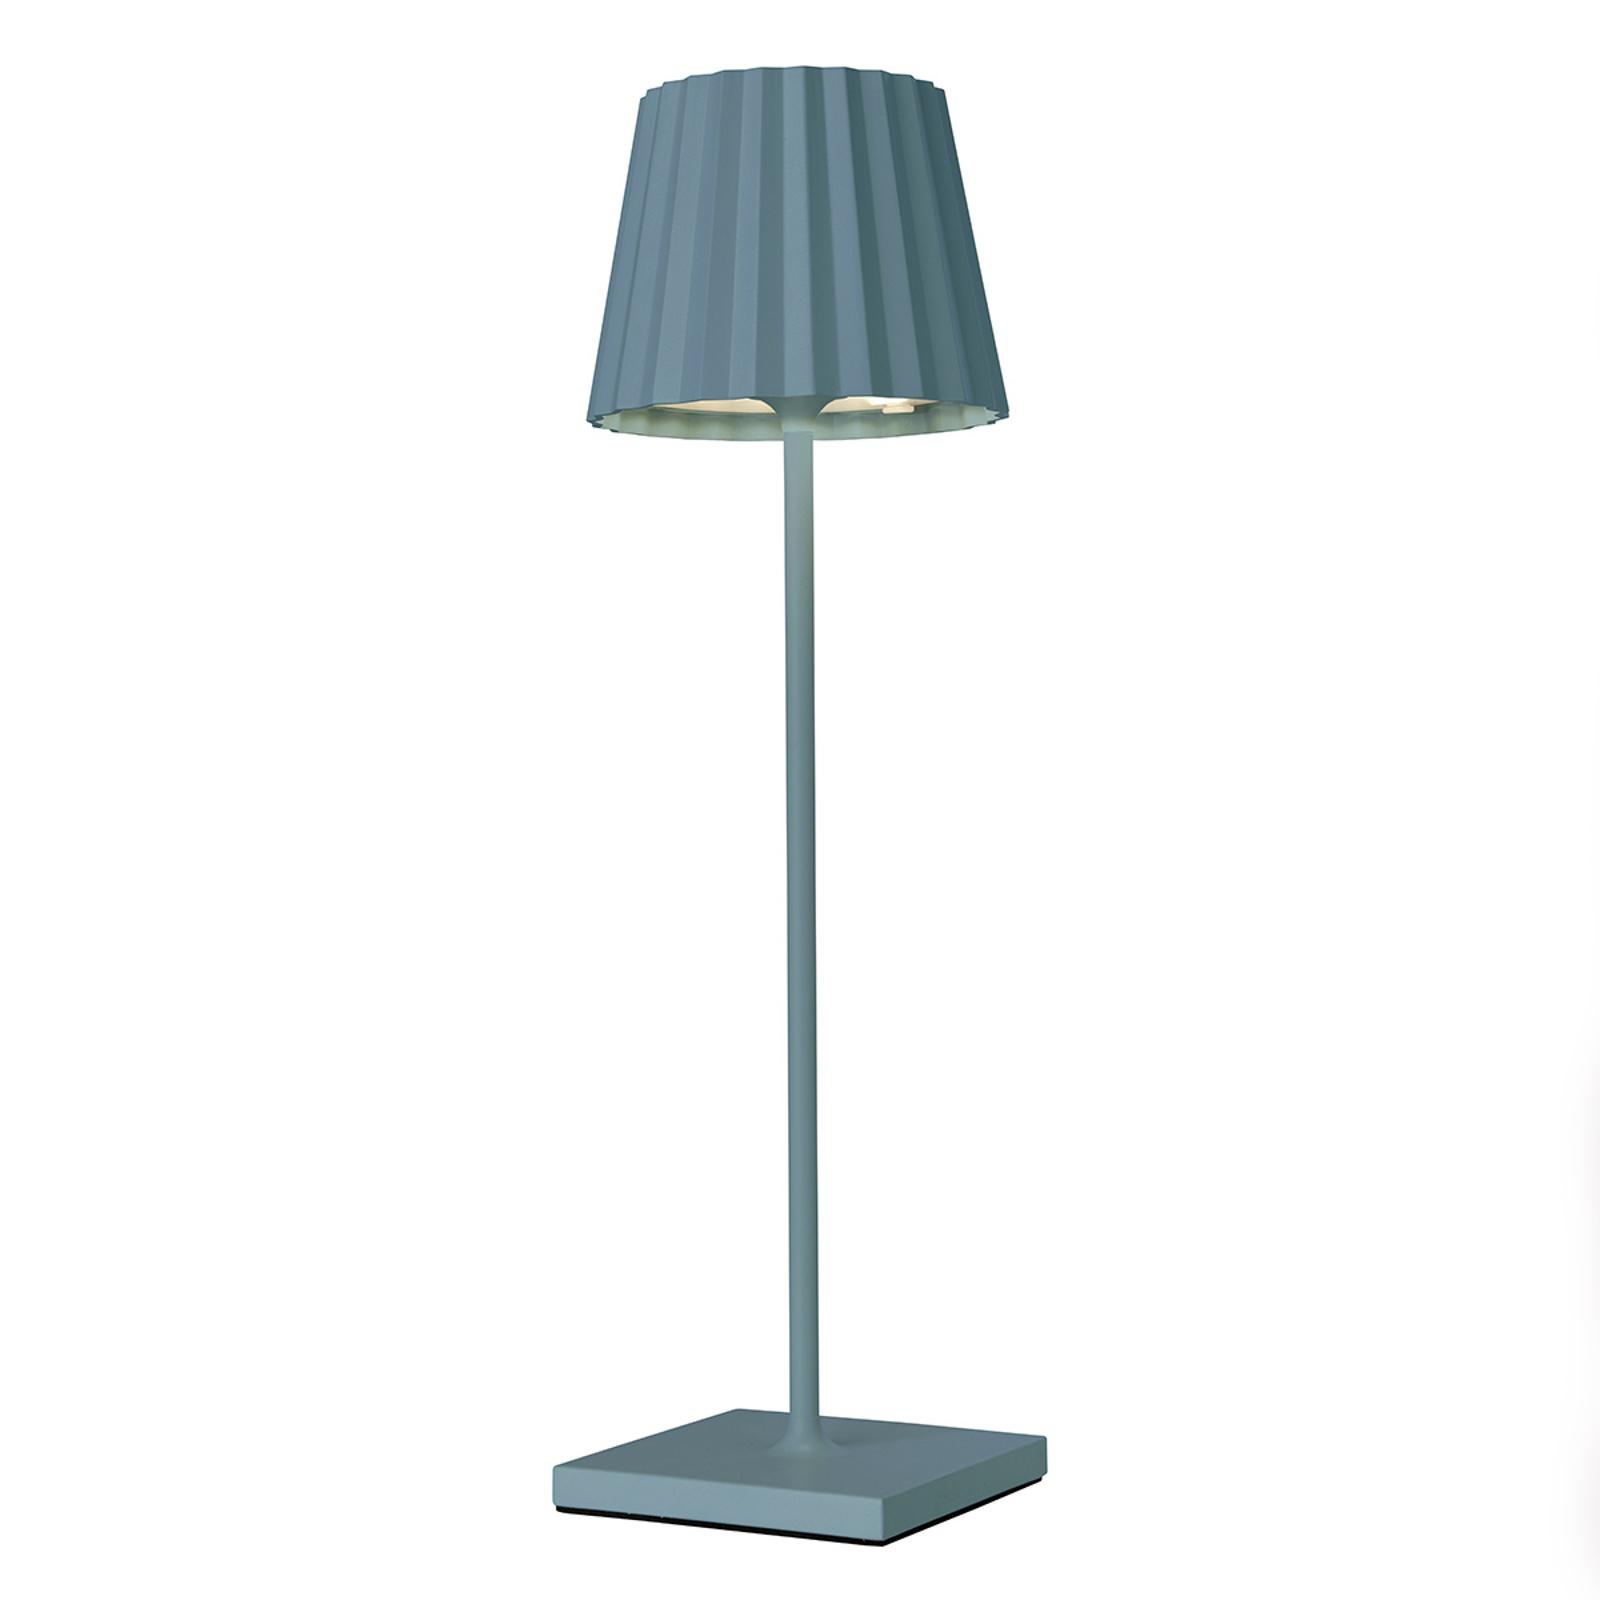 LED-pöytälamppu Troll 2.0 ulkokäyttöön, sininen